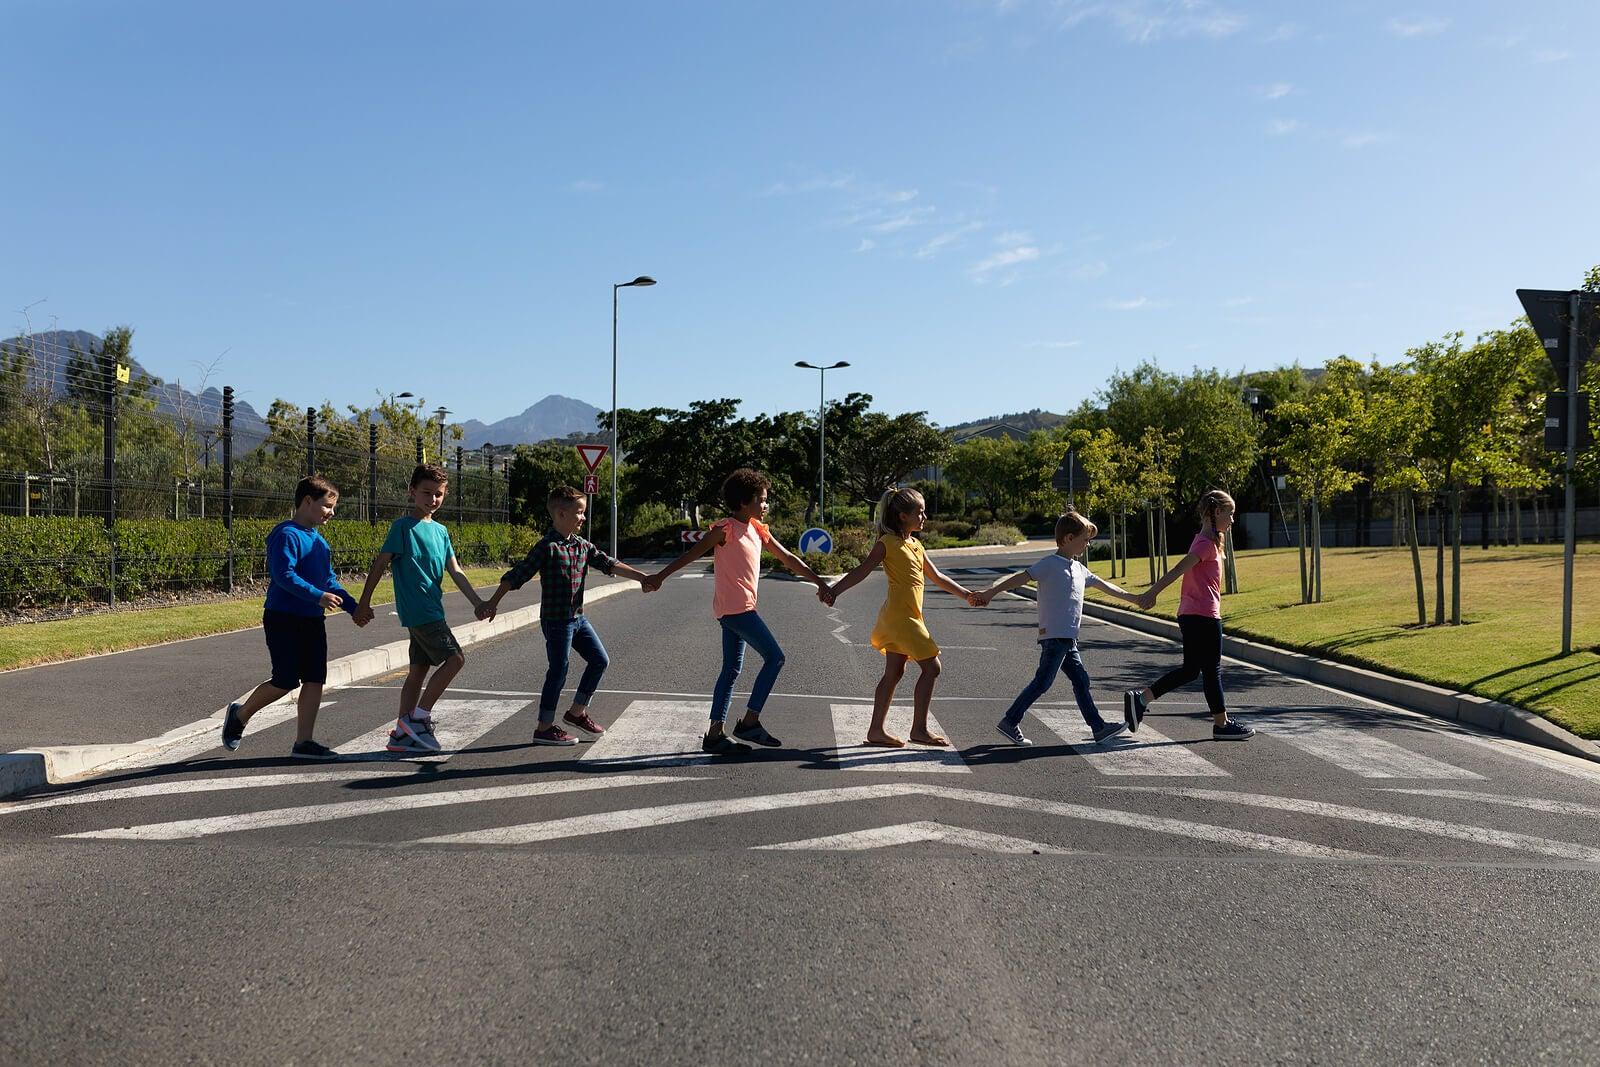 Niños de la mano cruzando un paso de peatones.